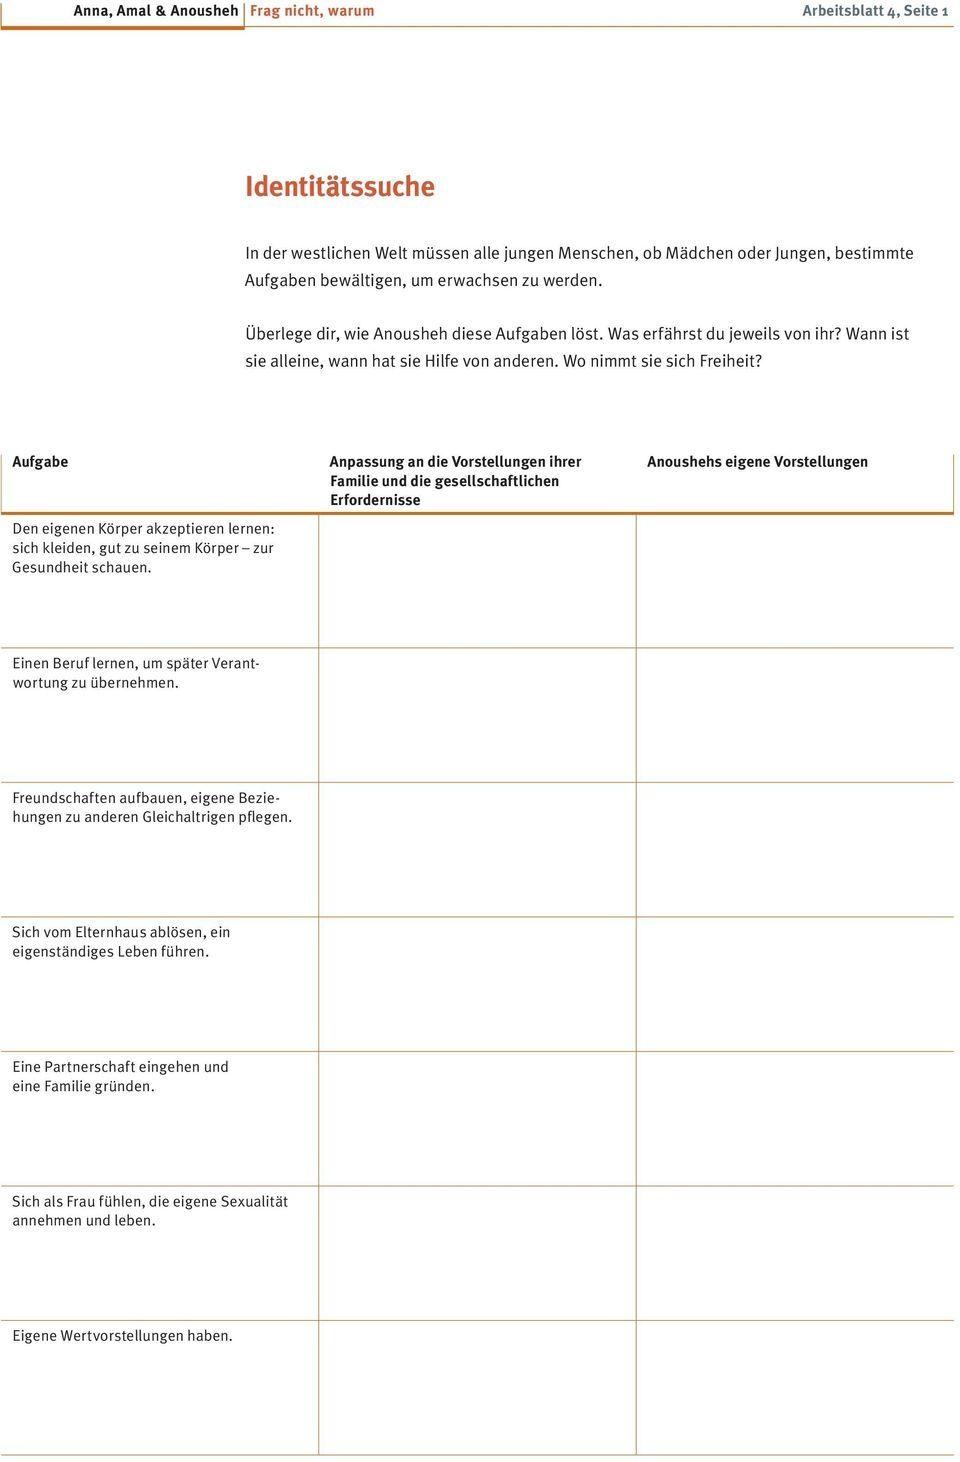 20 Arbeitsblatt Mit Proportionalen Und Nicht Proportionalen ...